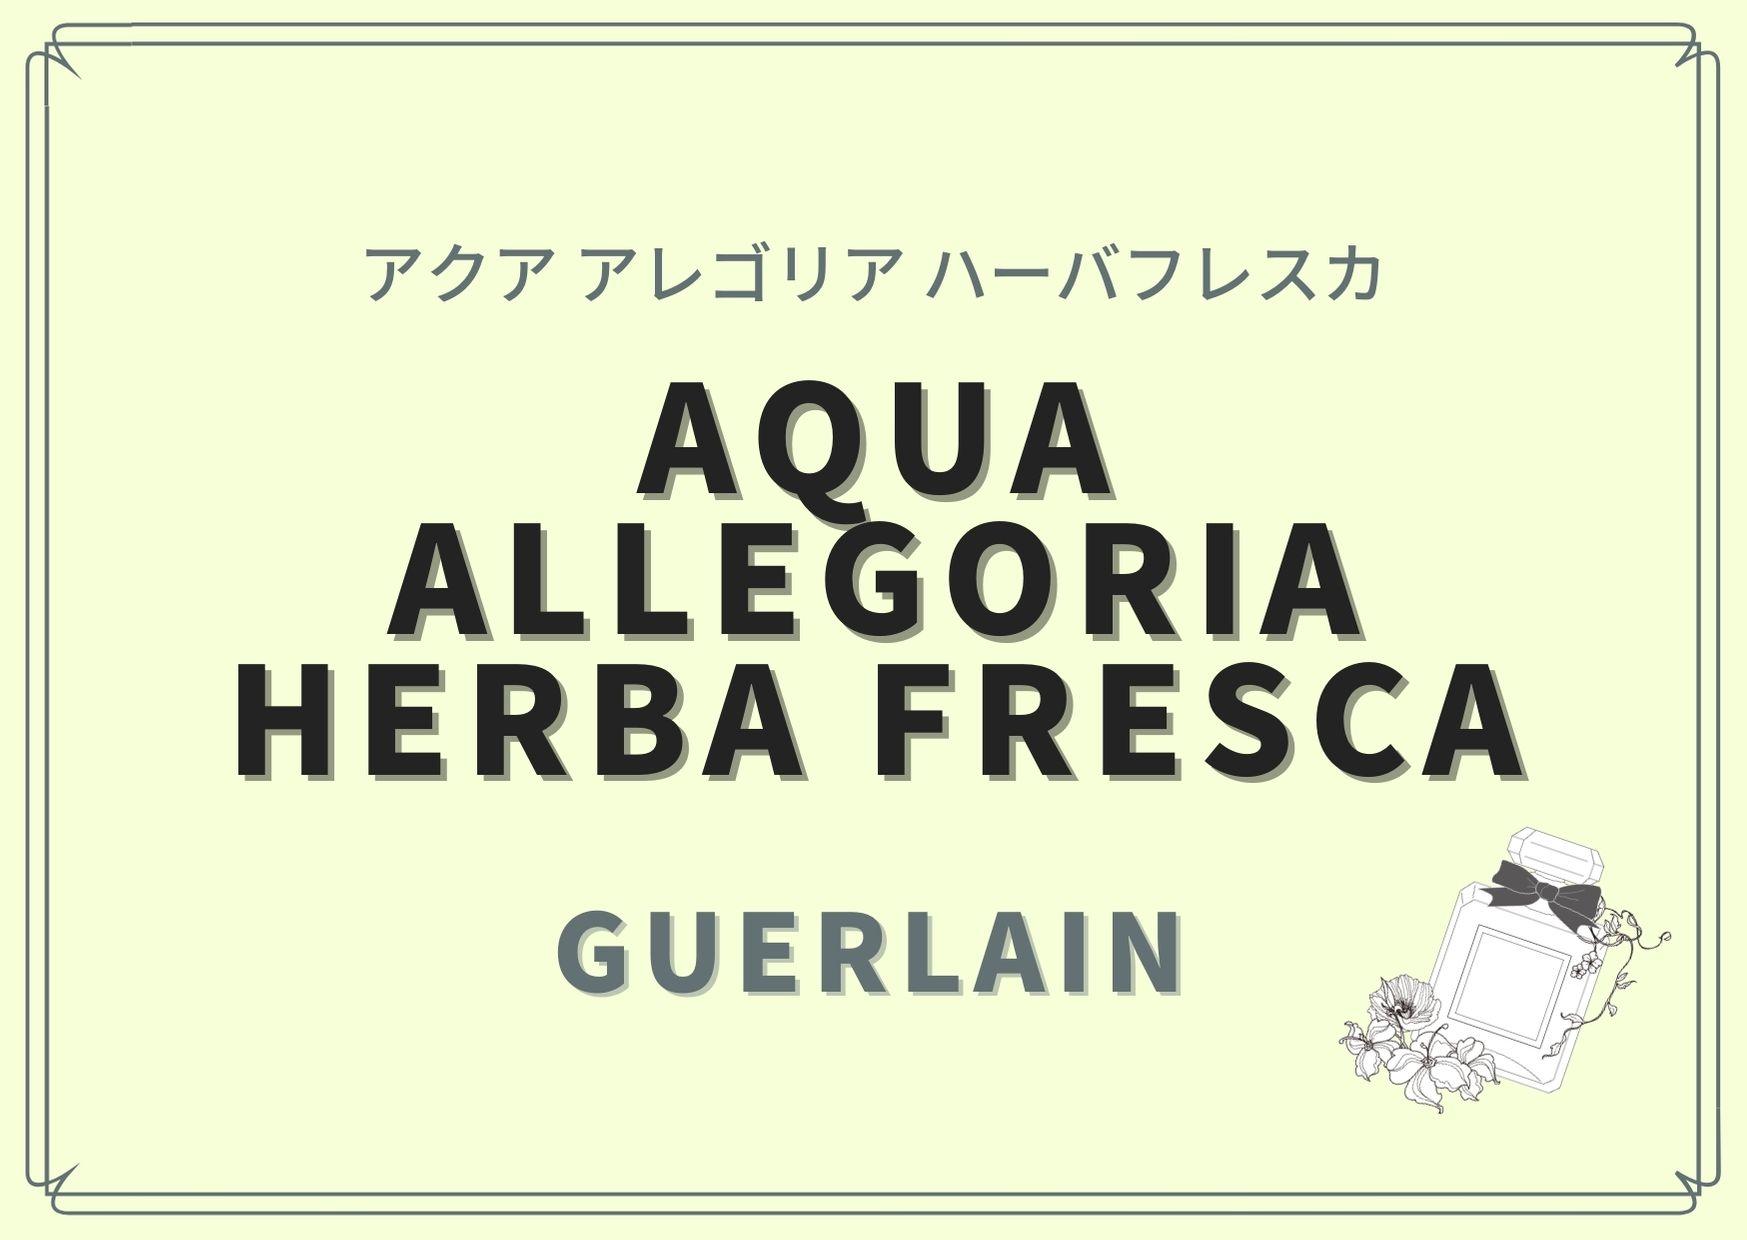 AQUA ALLEGORIA HERBA FRESCA(アクア アレゴリア ハーバフレスカ)/GUERLAIN(ゲラン)